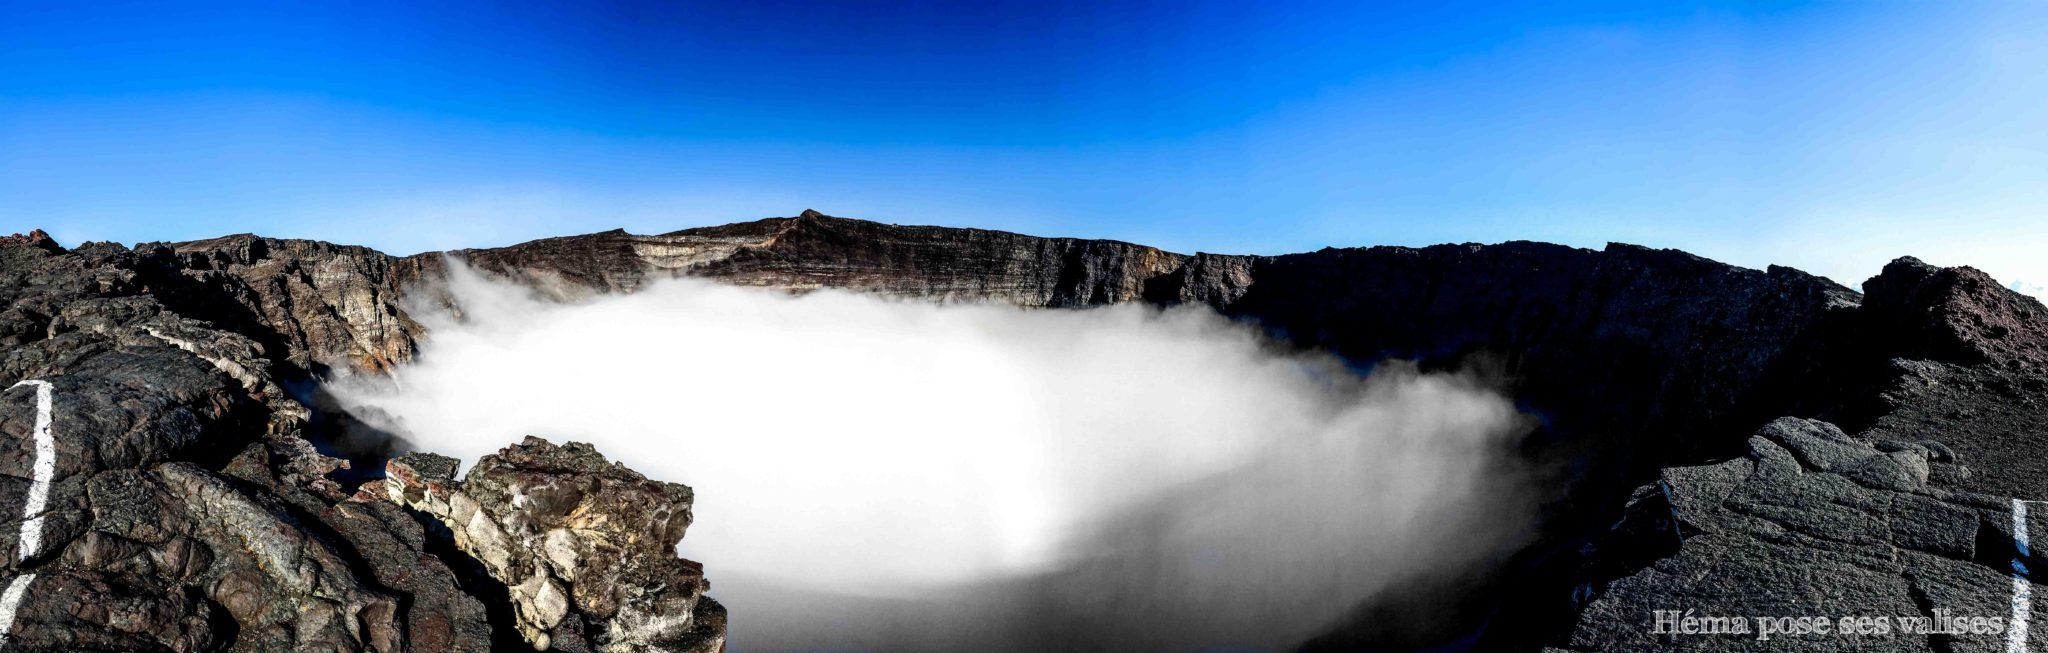 Panorama du cratère Dolomieu du Piton de la Fournaise à La Réunion